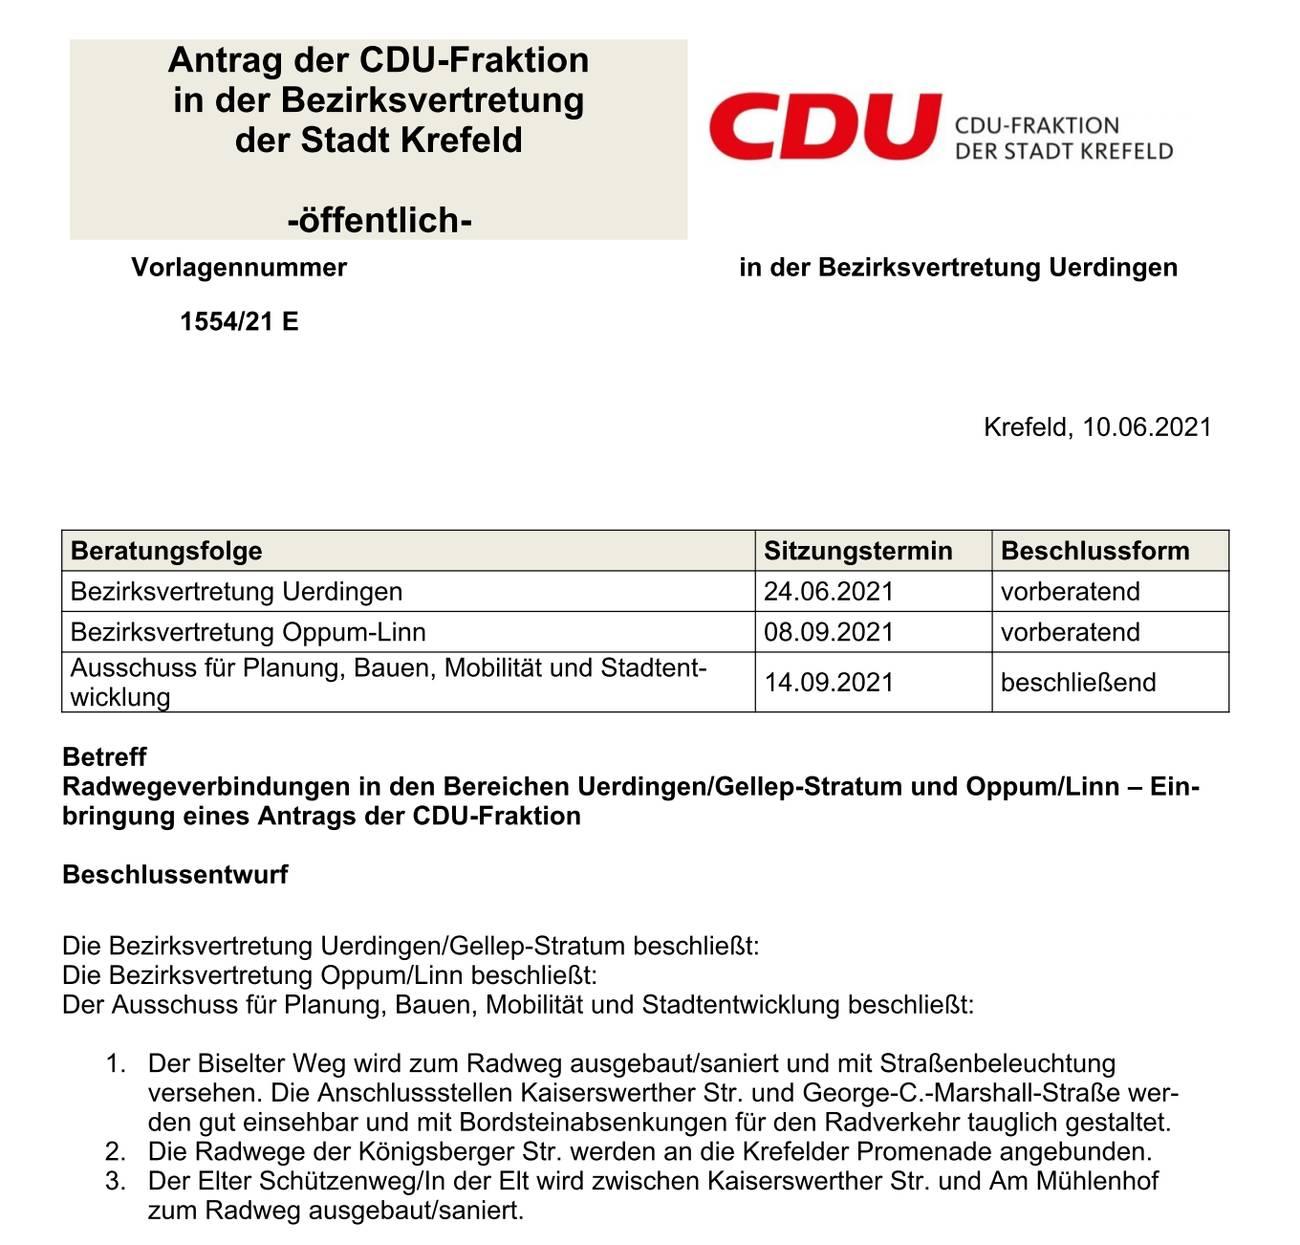 Radwegeverbindungen in den Bereichen Uerdingen/Gellep-Stratum und Oppum/Linn - Ortsverband der CDU Gellep-Stratum